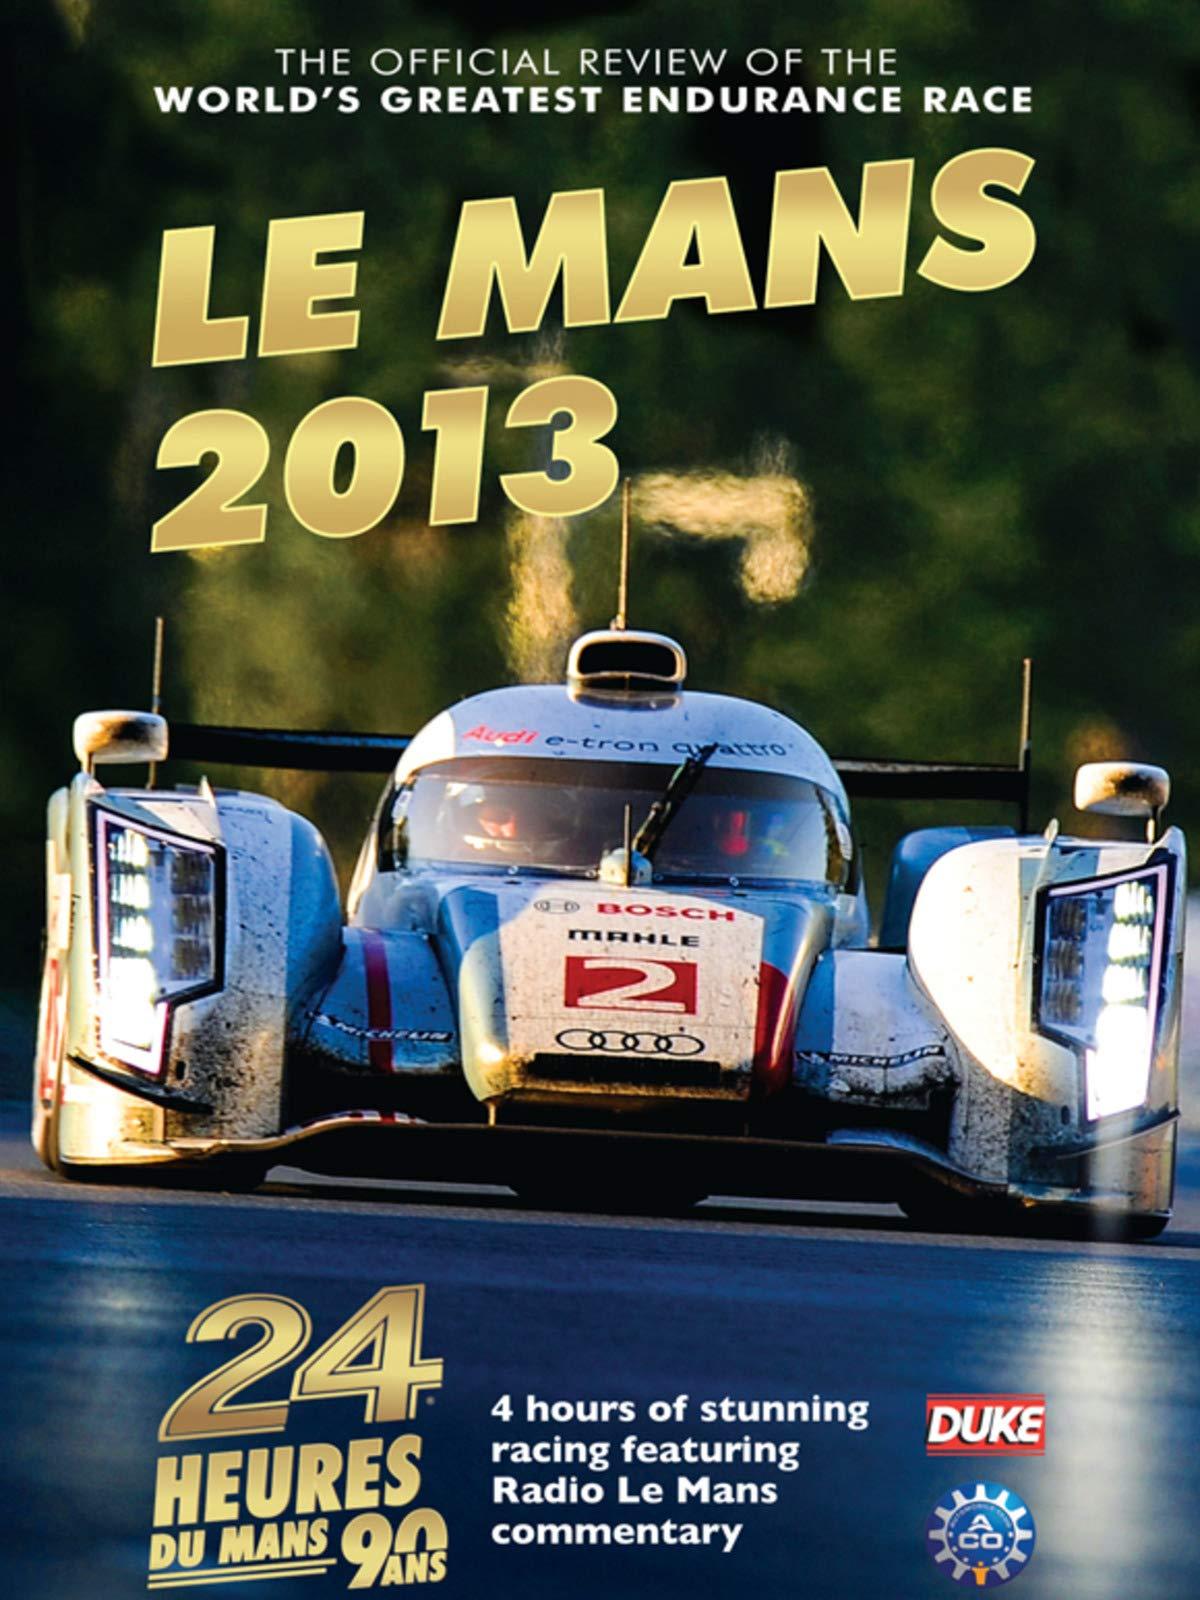 Le Mans 2013 Review